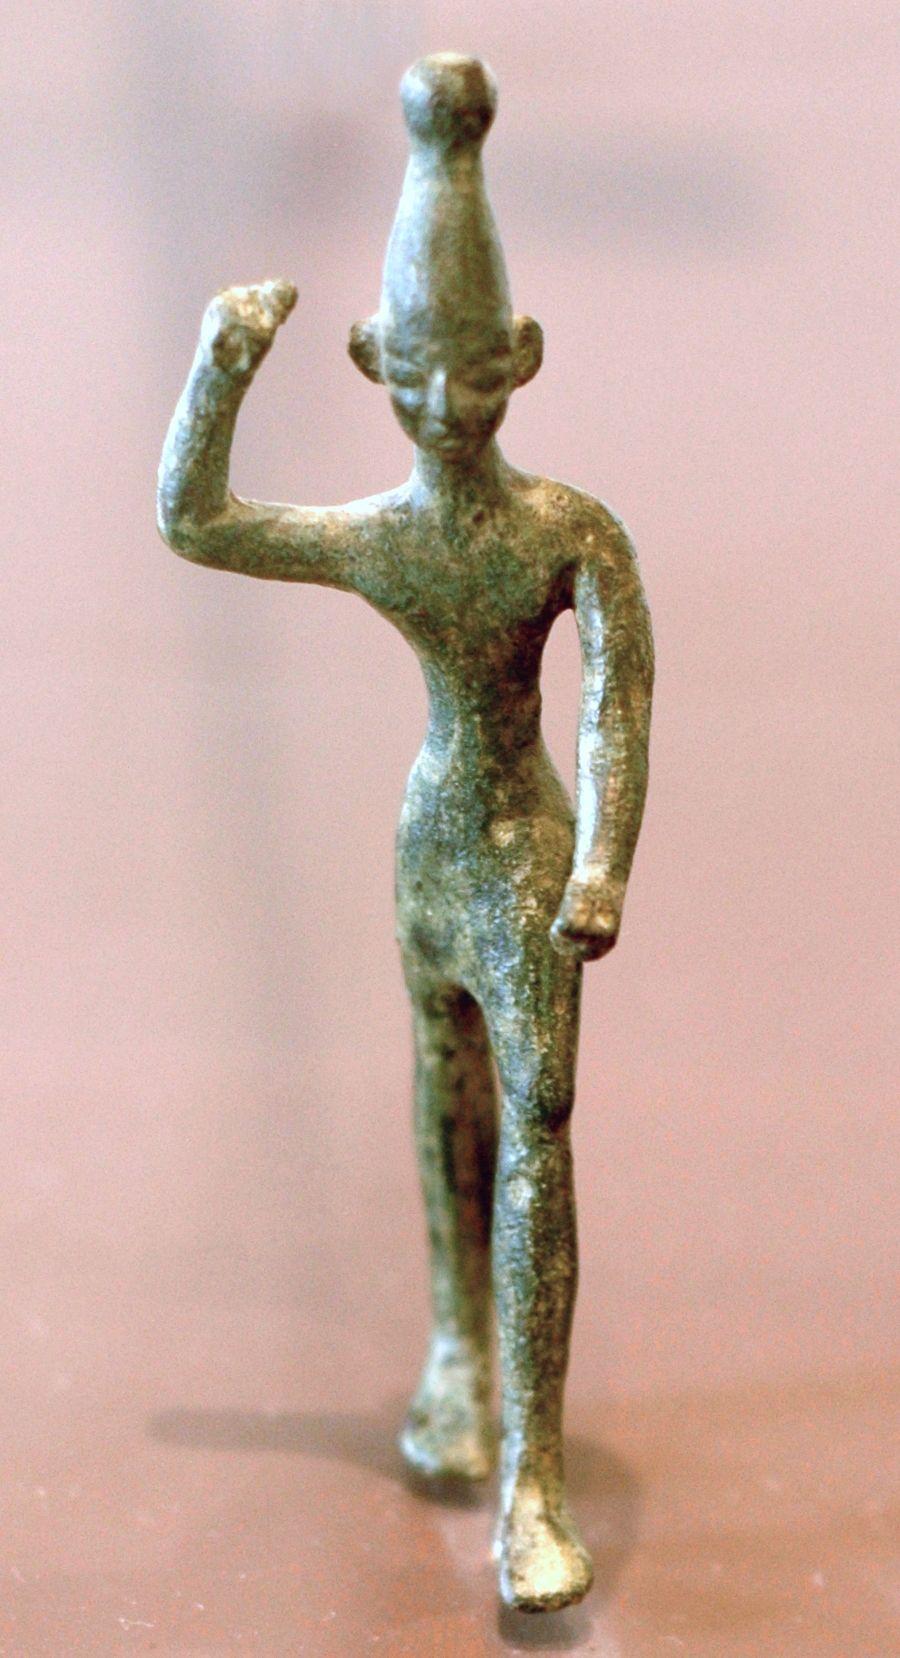 Estatua de Baal representado con su brazo en alto en el que se supone llevaba un rayo, como una deidad asociada con las tormentas y la fertilidad su culto estuvo ampliamente distribuido en Oriente Próximo.